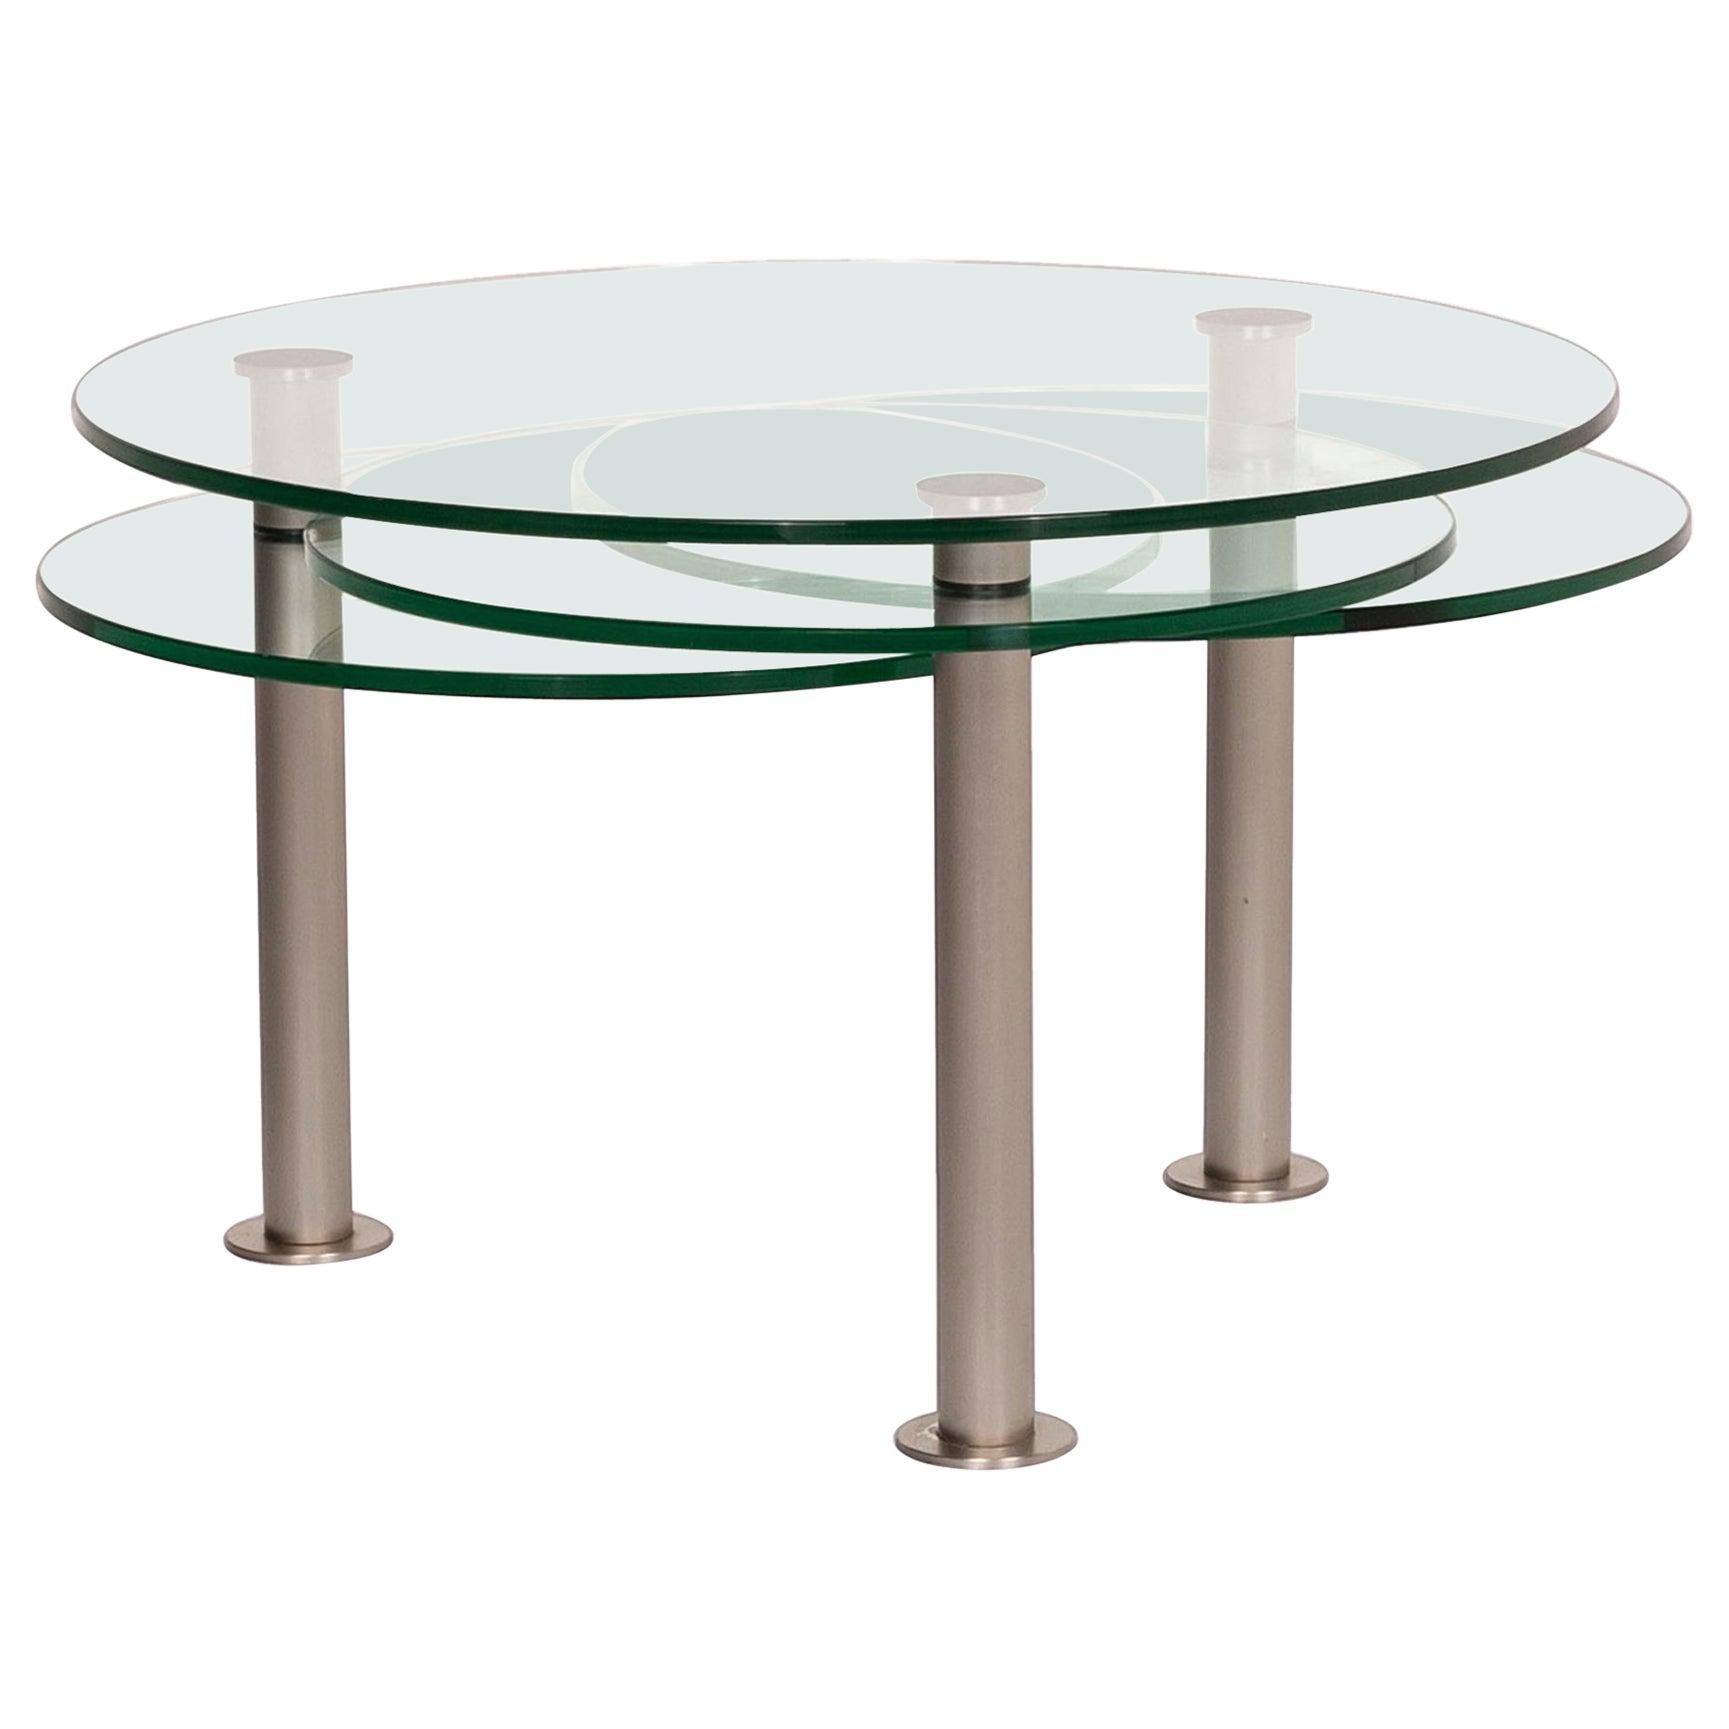 Draenert Intermezzo Glass Coffee Table Metal Adjustable Variable Table